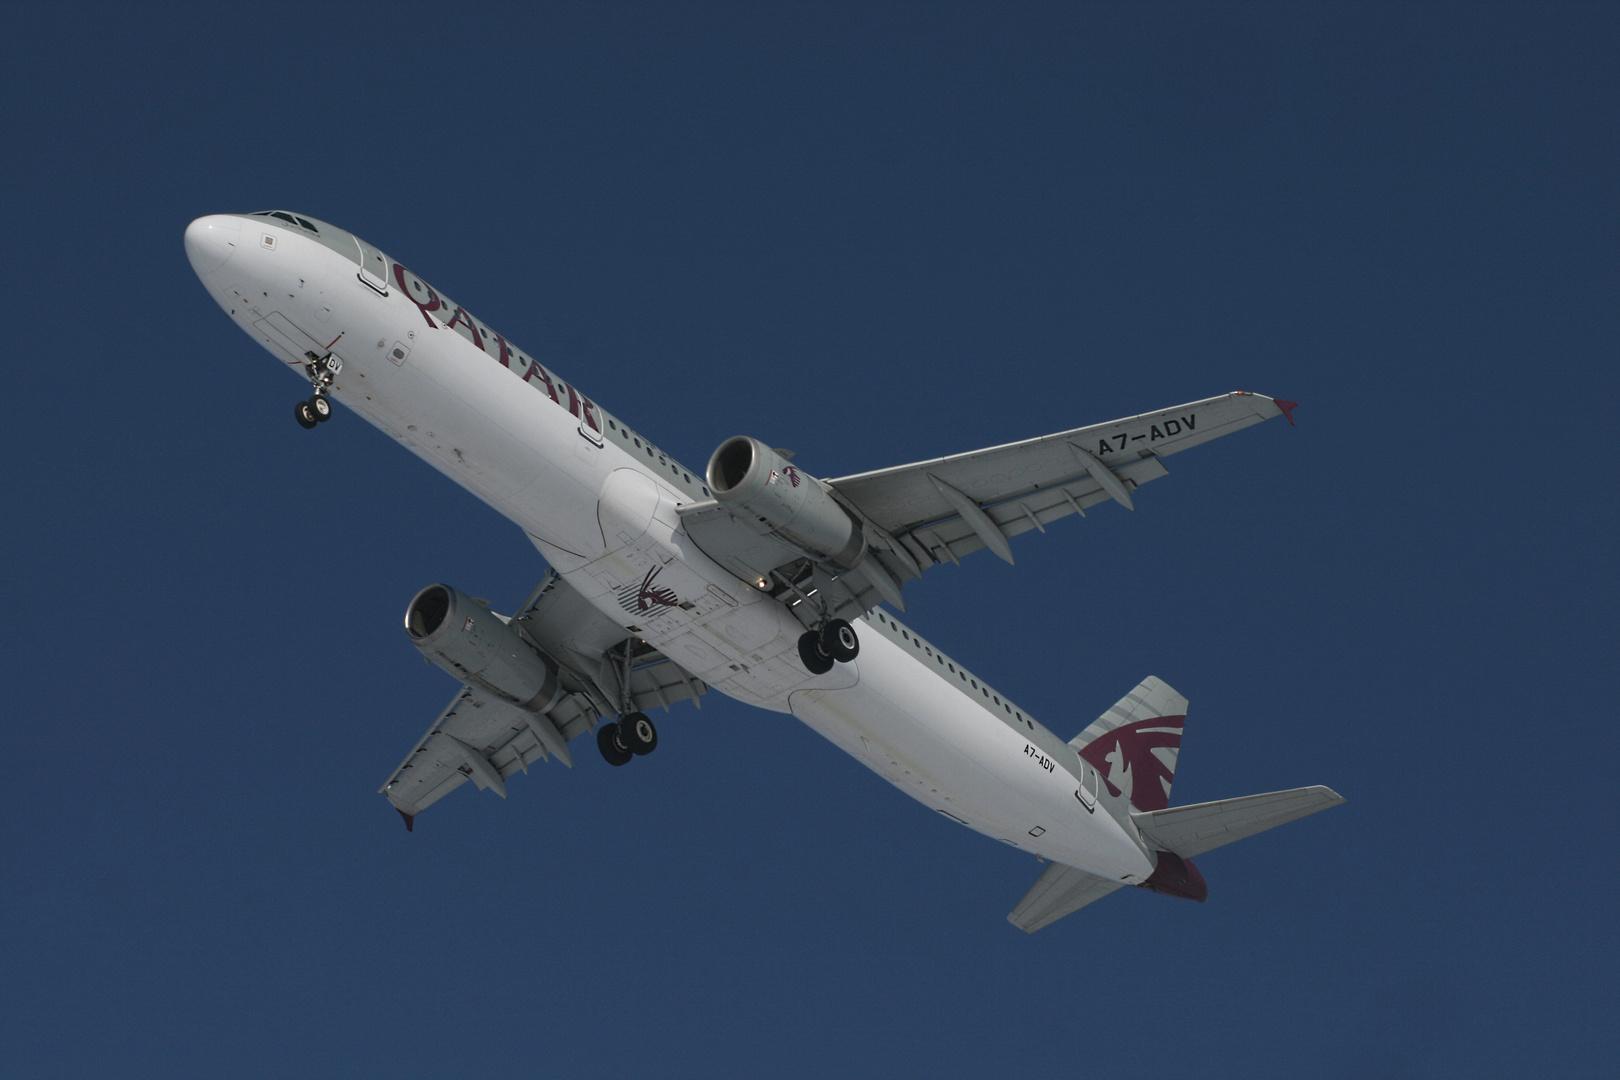 Qatar Airways Airbus A321-231